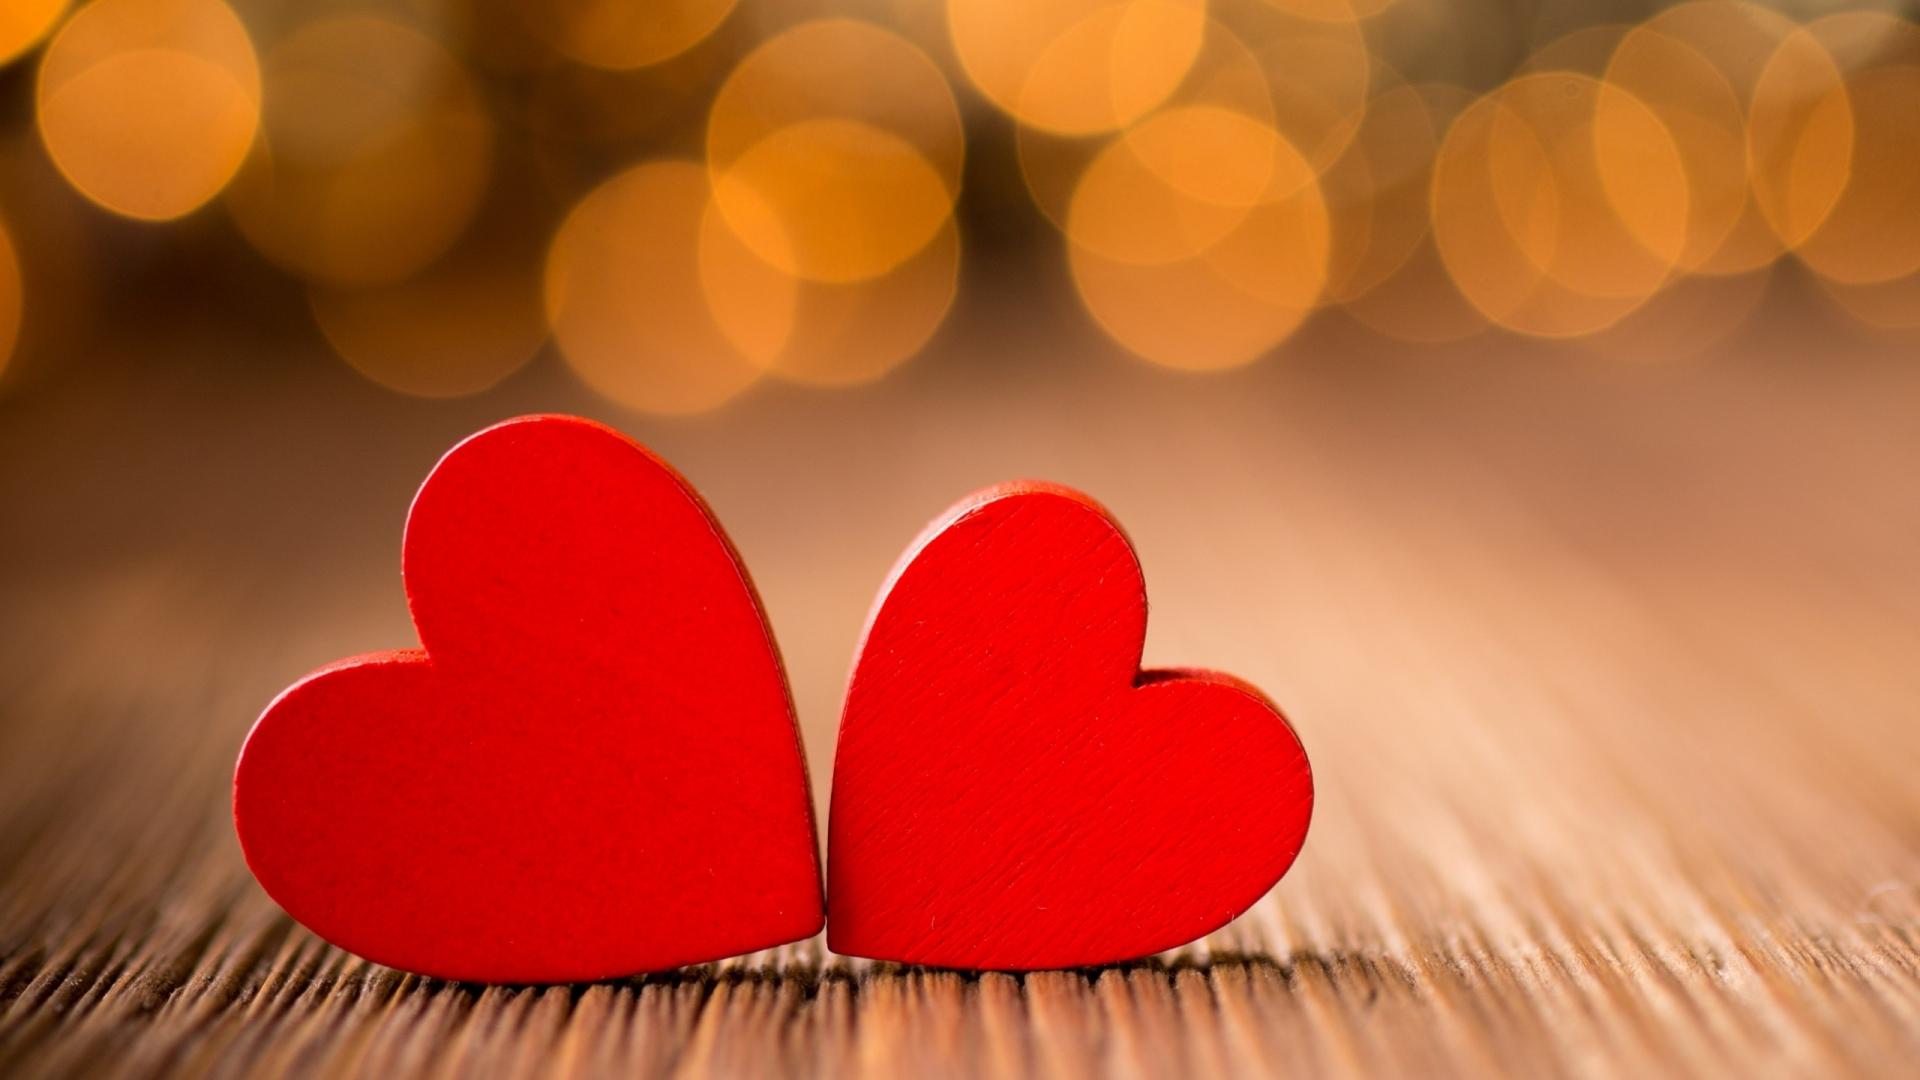 tải ảnh trái tim